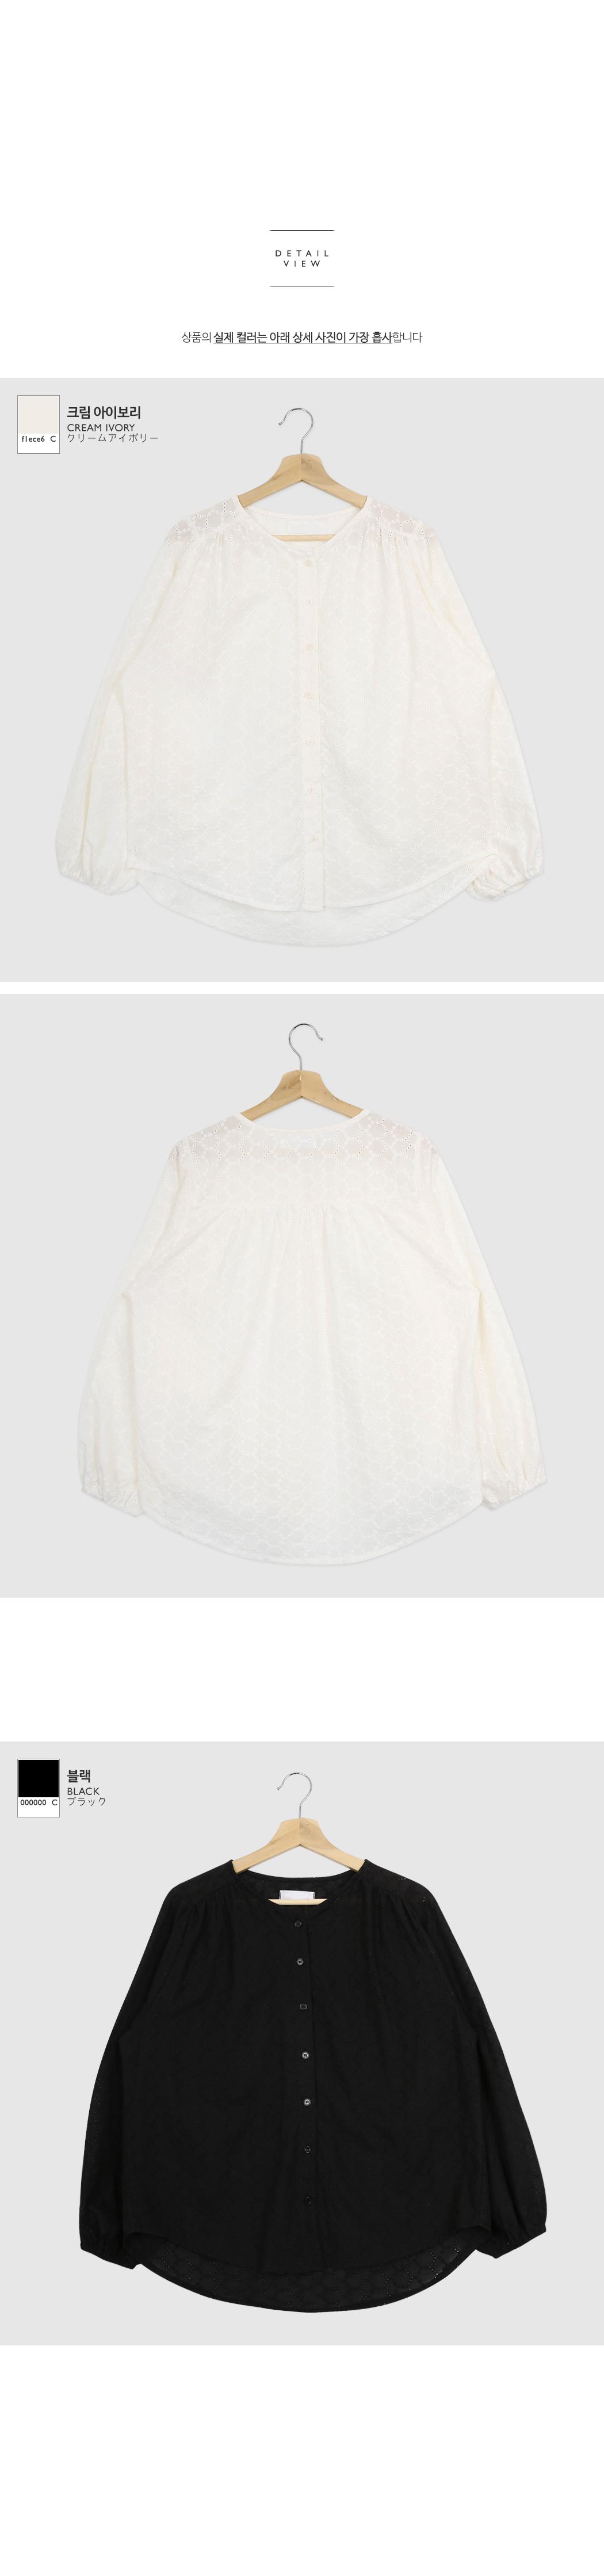 Maman cotton lace blouse